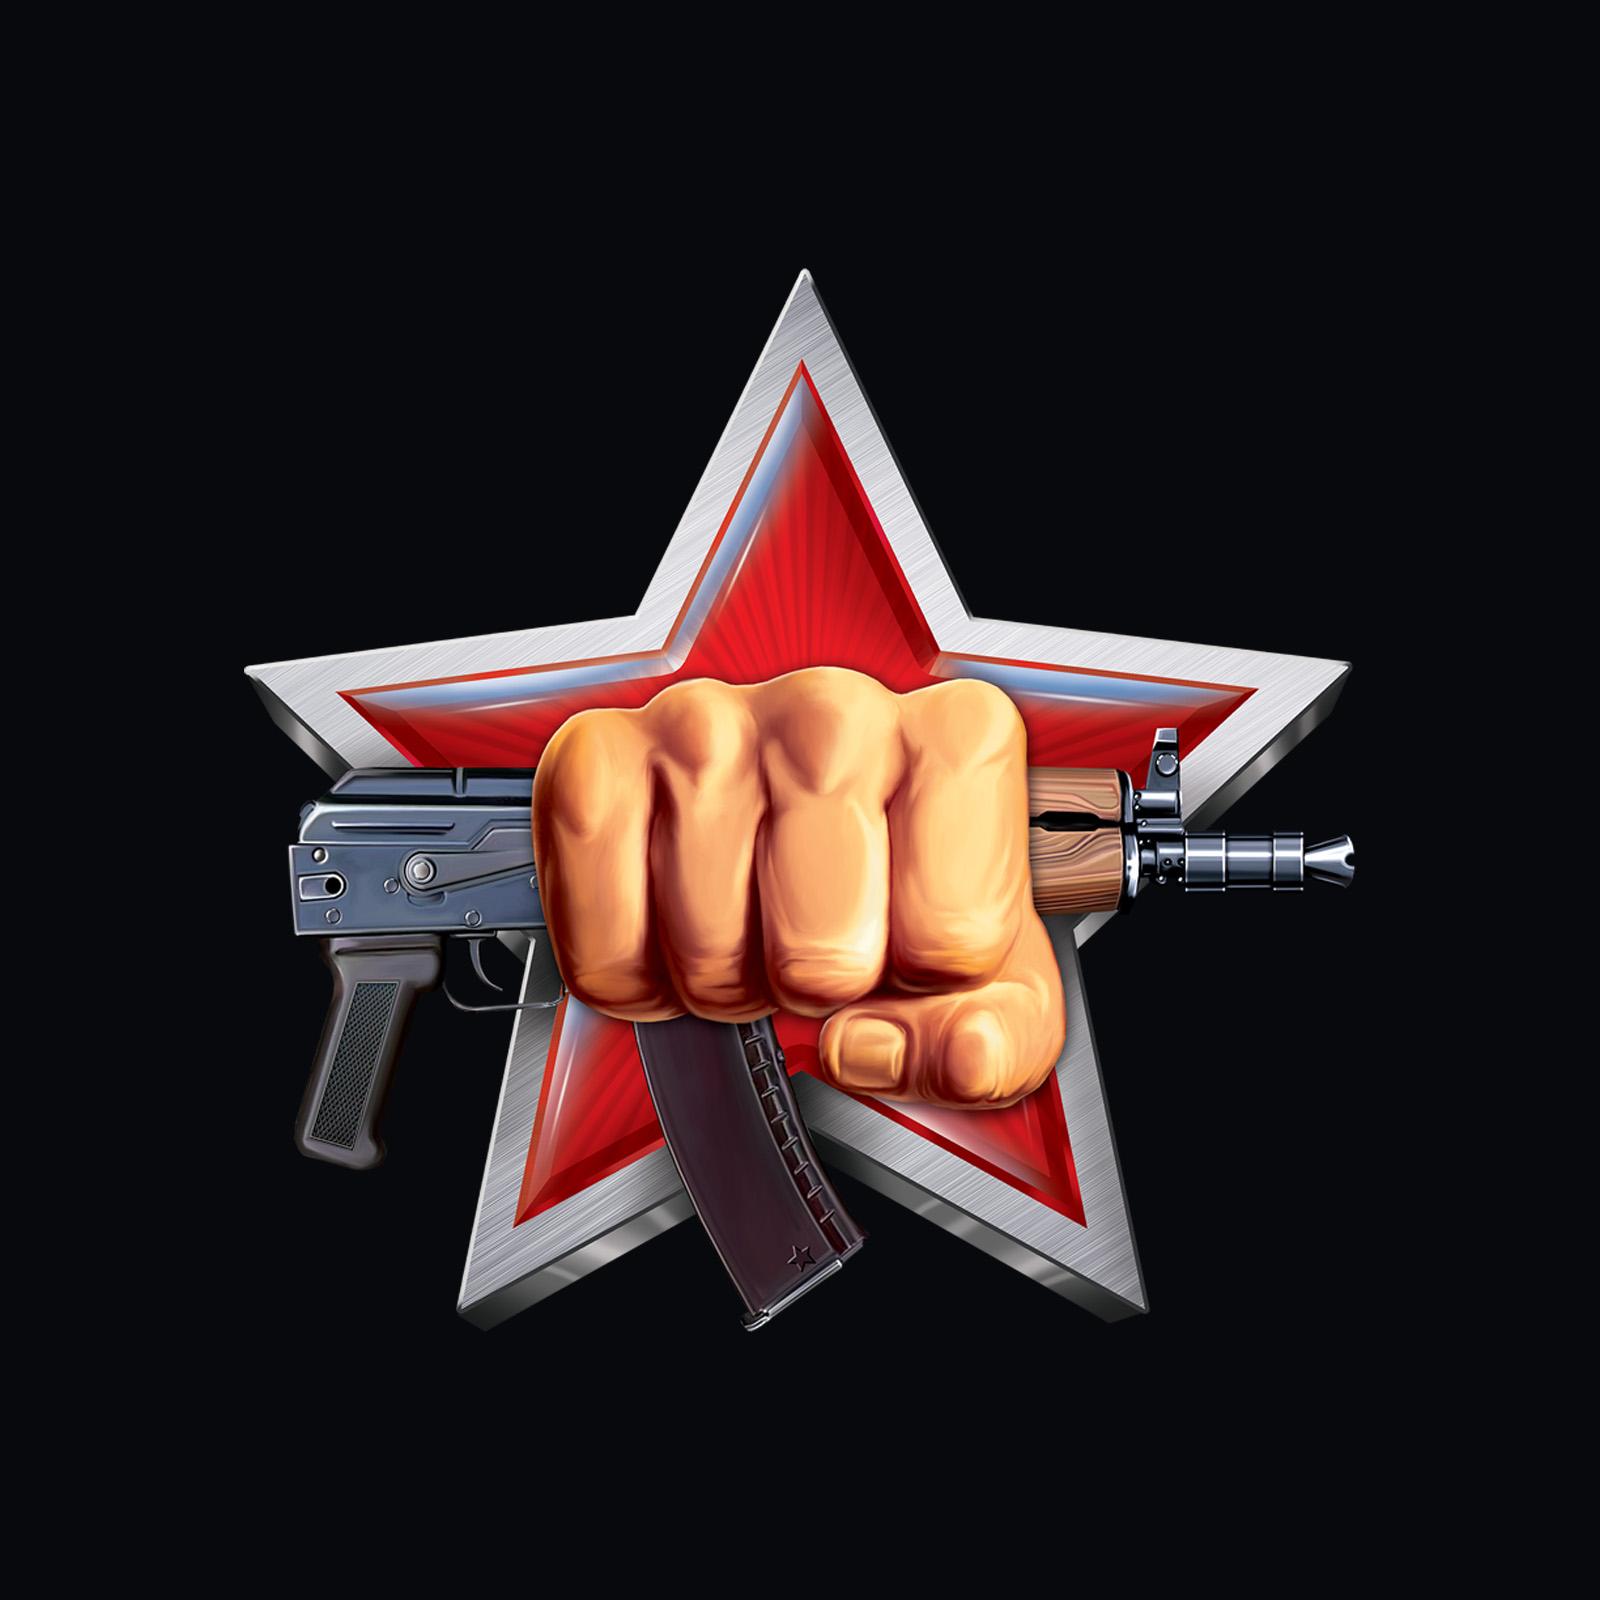 Хлопковая черная футболка Спецназ ВВ РФ